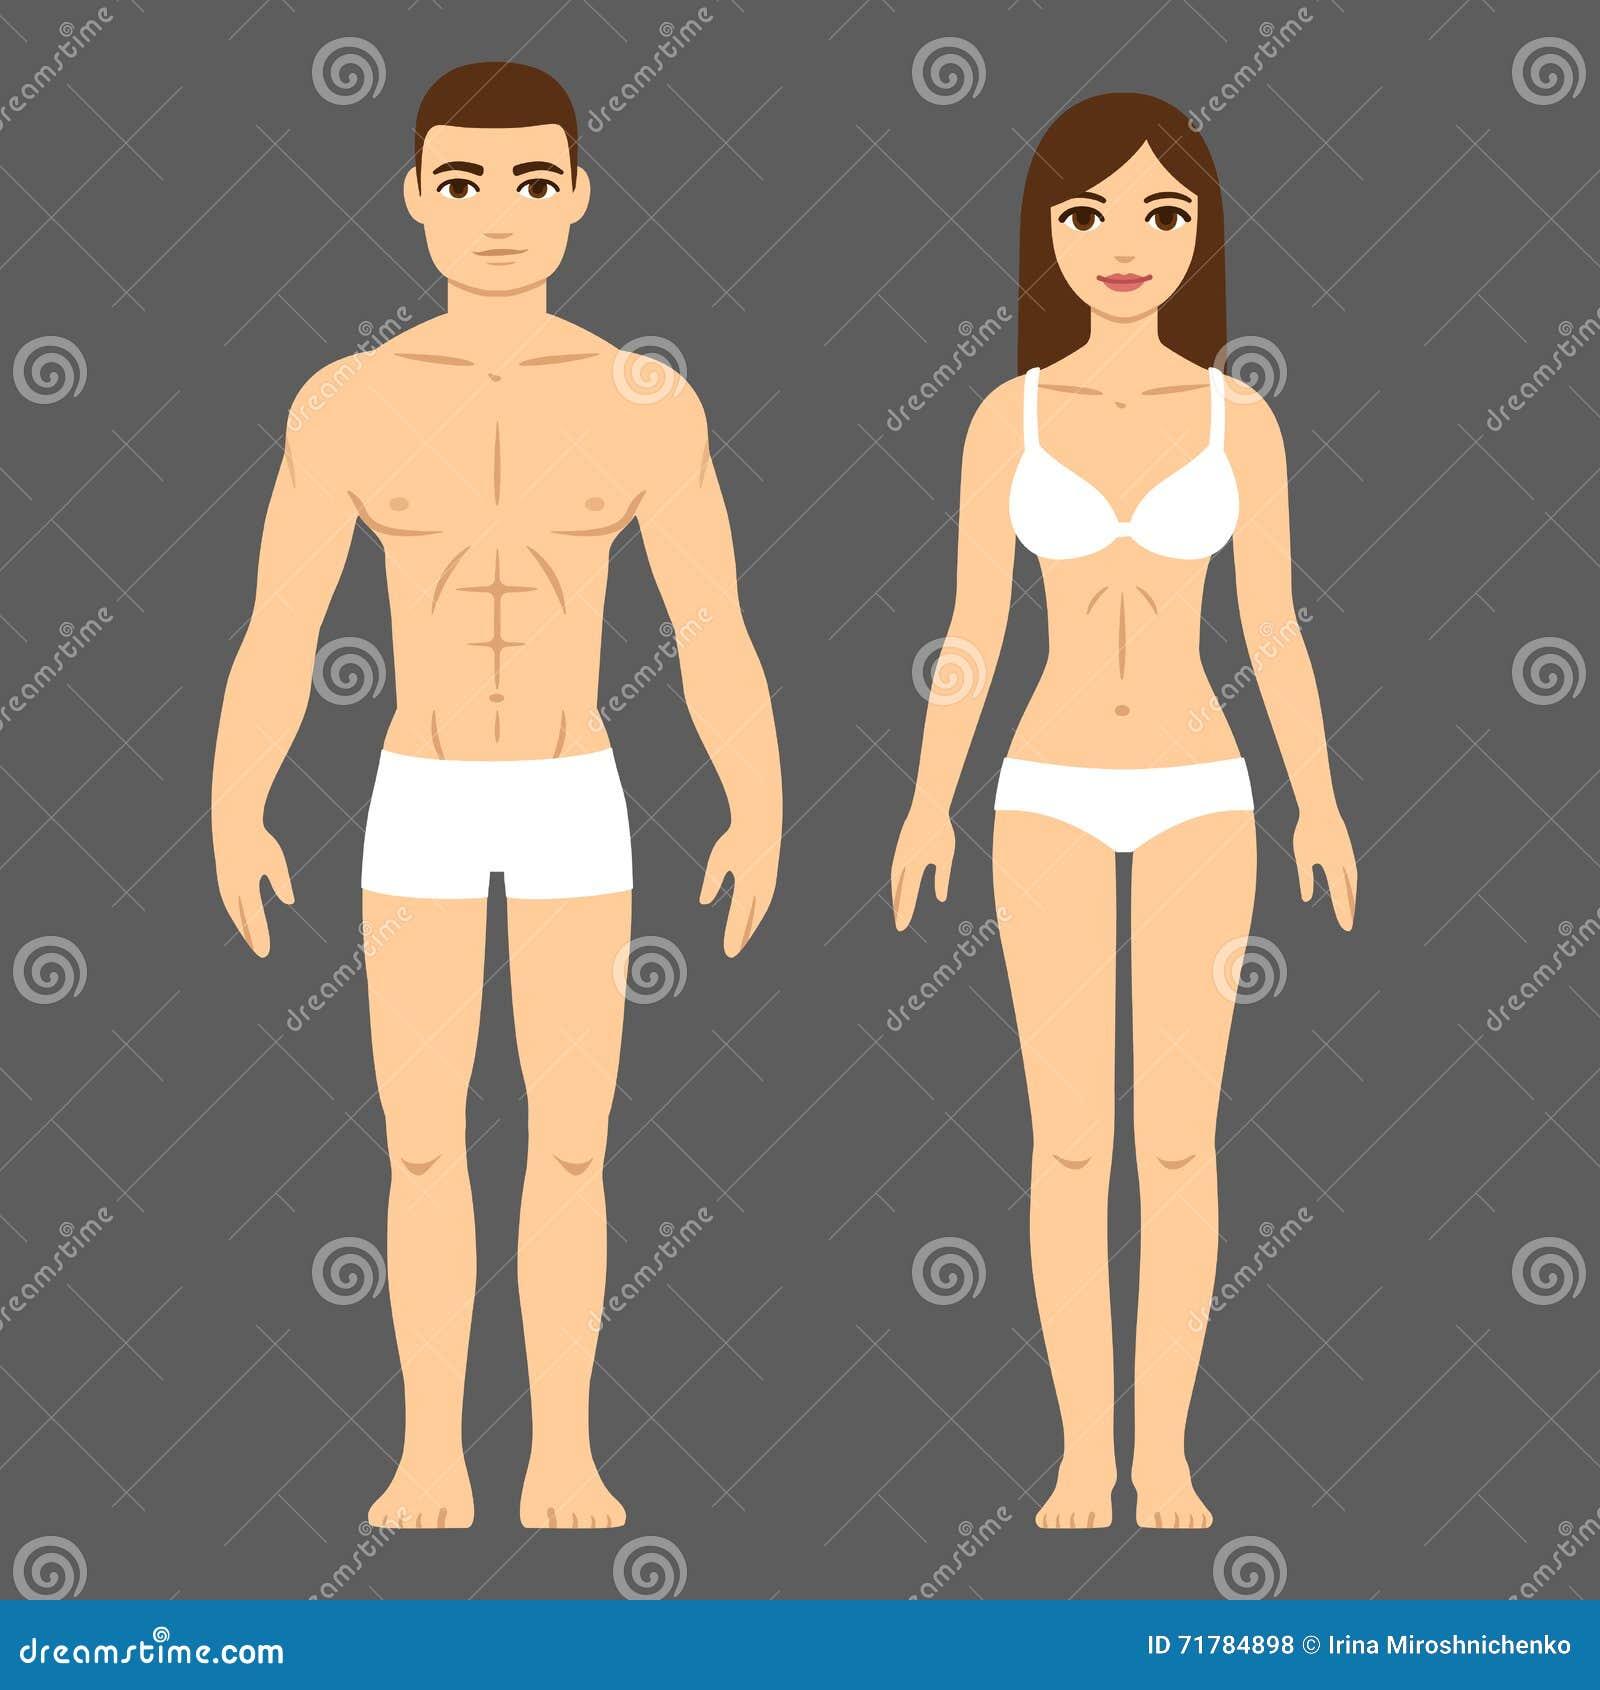 Cuerpo Masculino Y Femenino Ilustración del Vector - Ilustración de ...